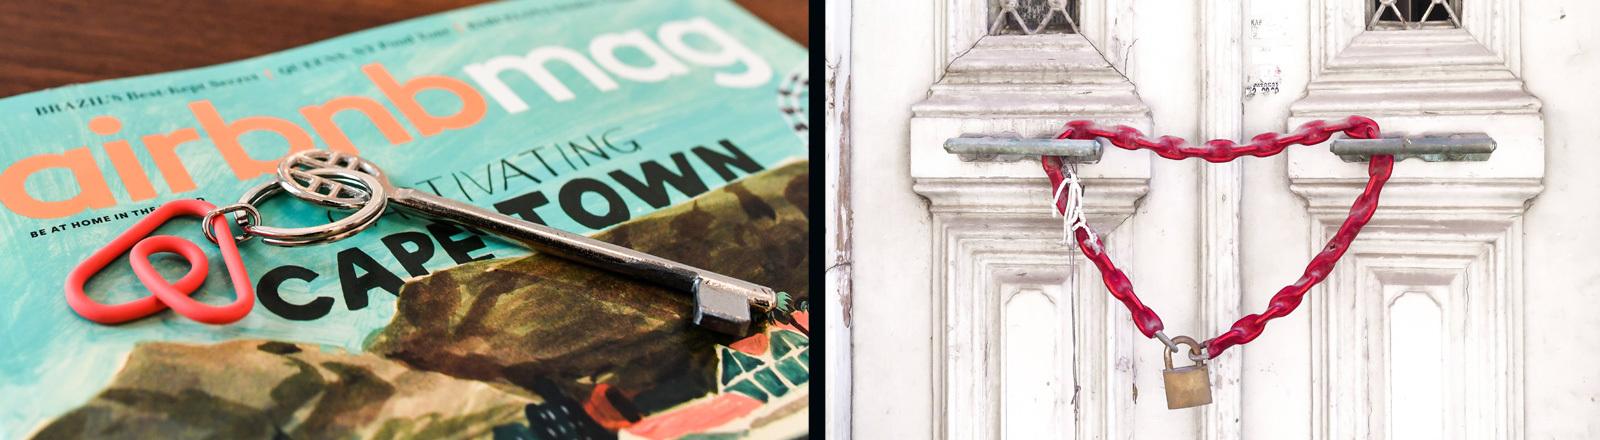 Eine Airbnb Zeitschrift mit Schlüssel auf einem Tisch.